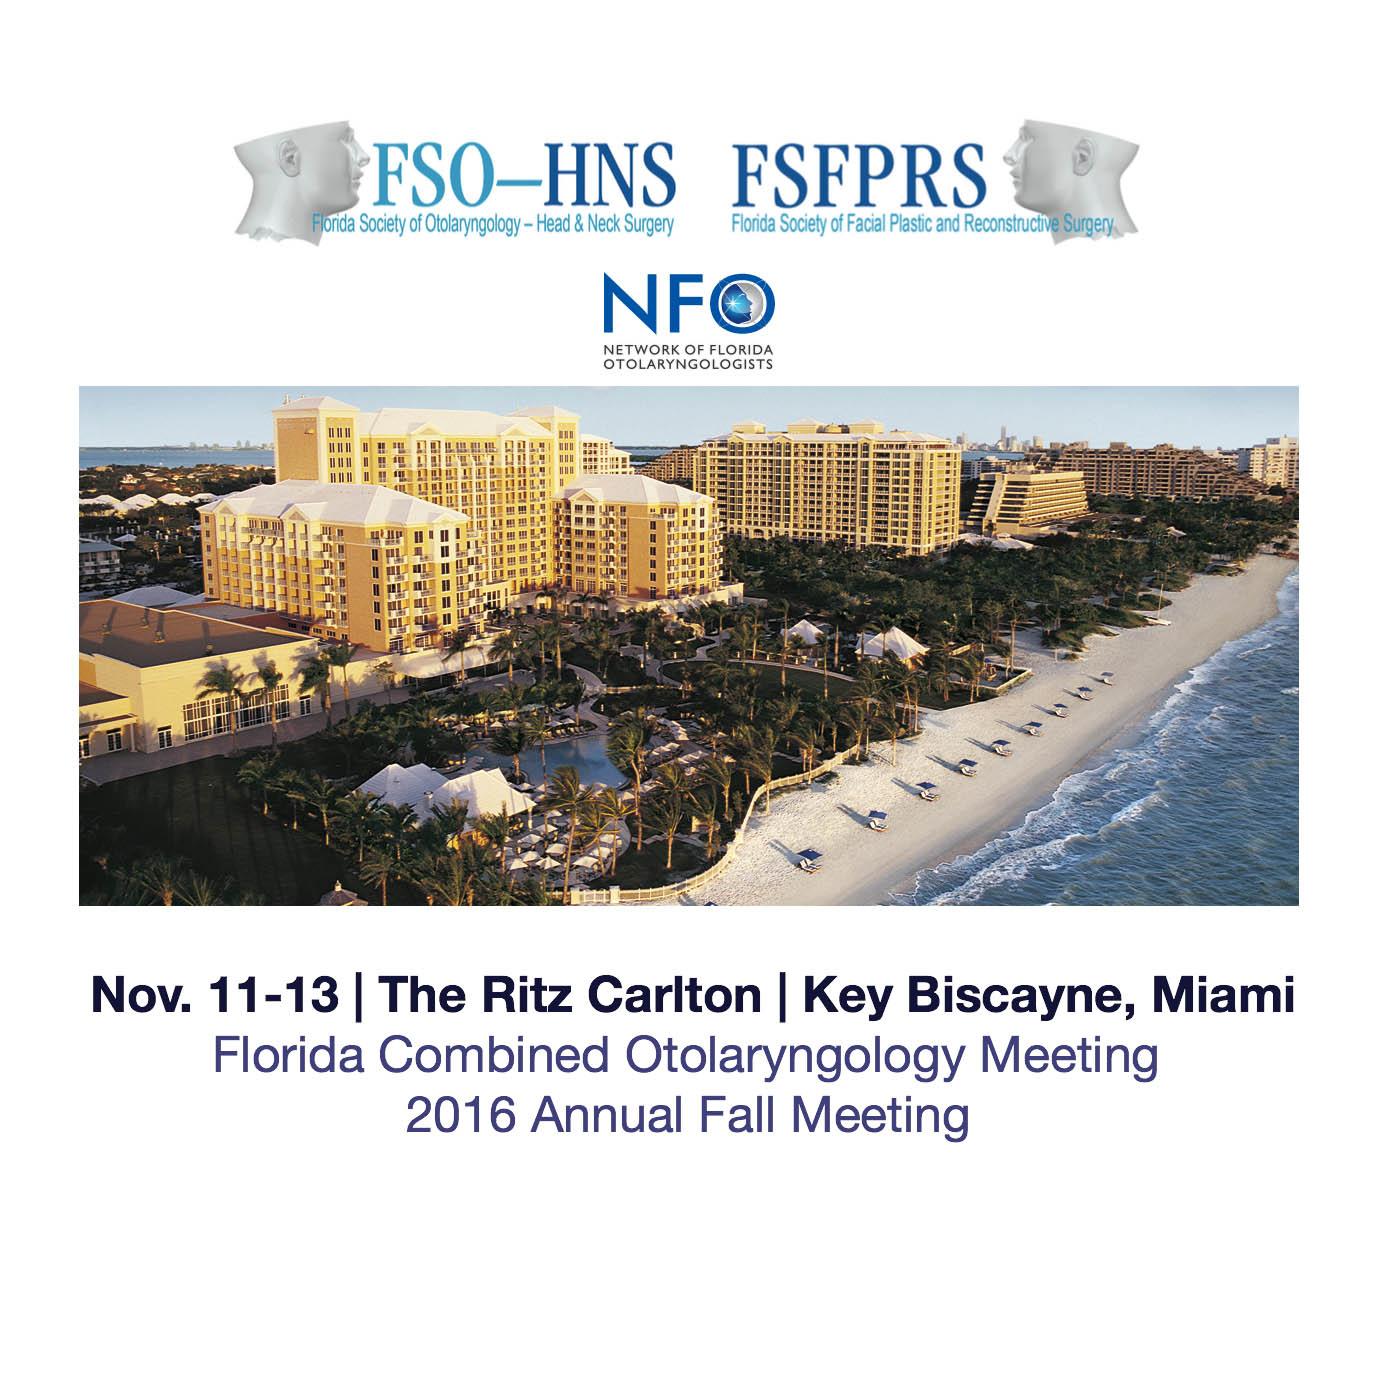 Nov. 11-13 | The Ritz Carlton | Key Biscayne, Miami